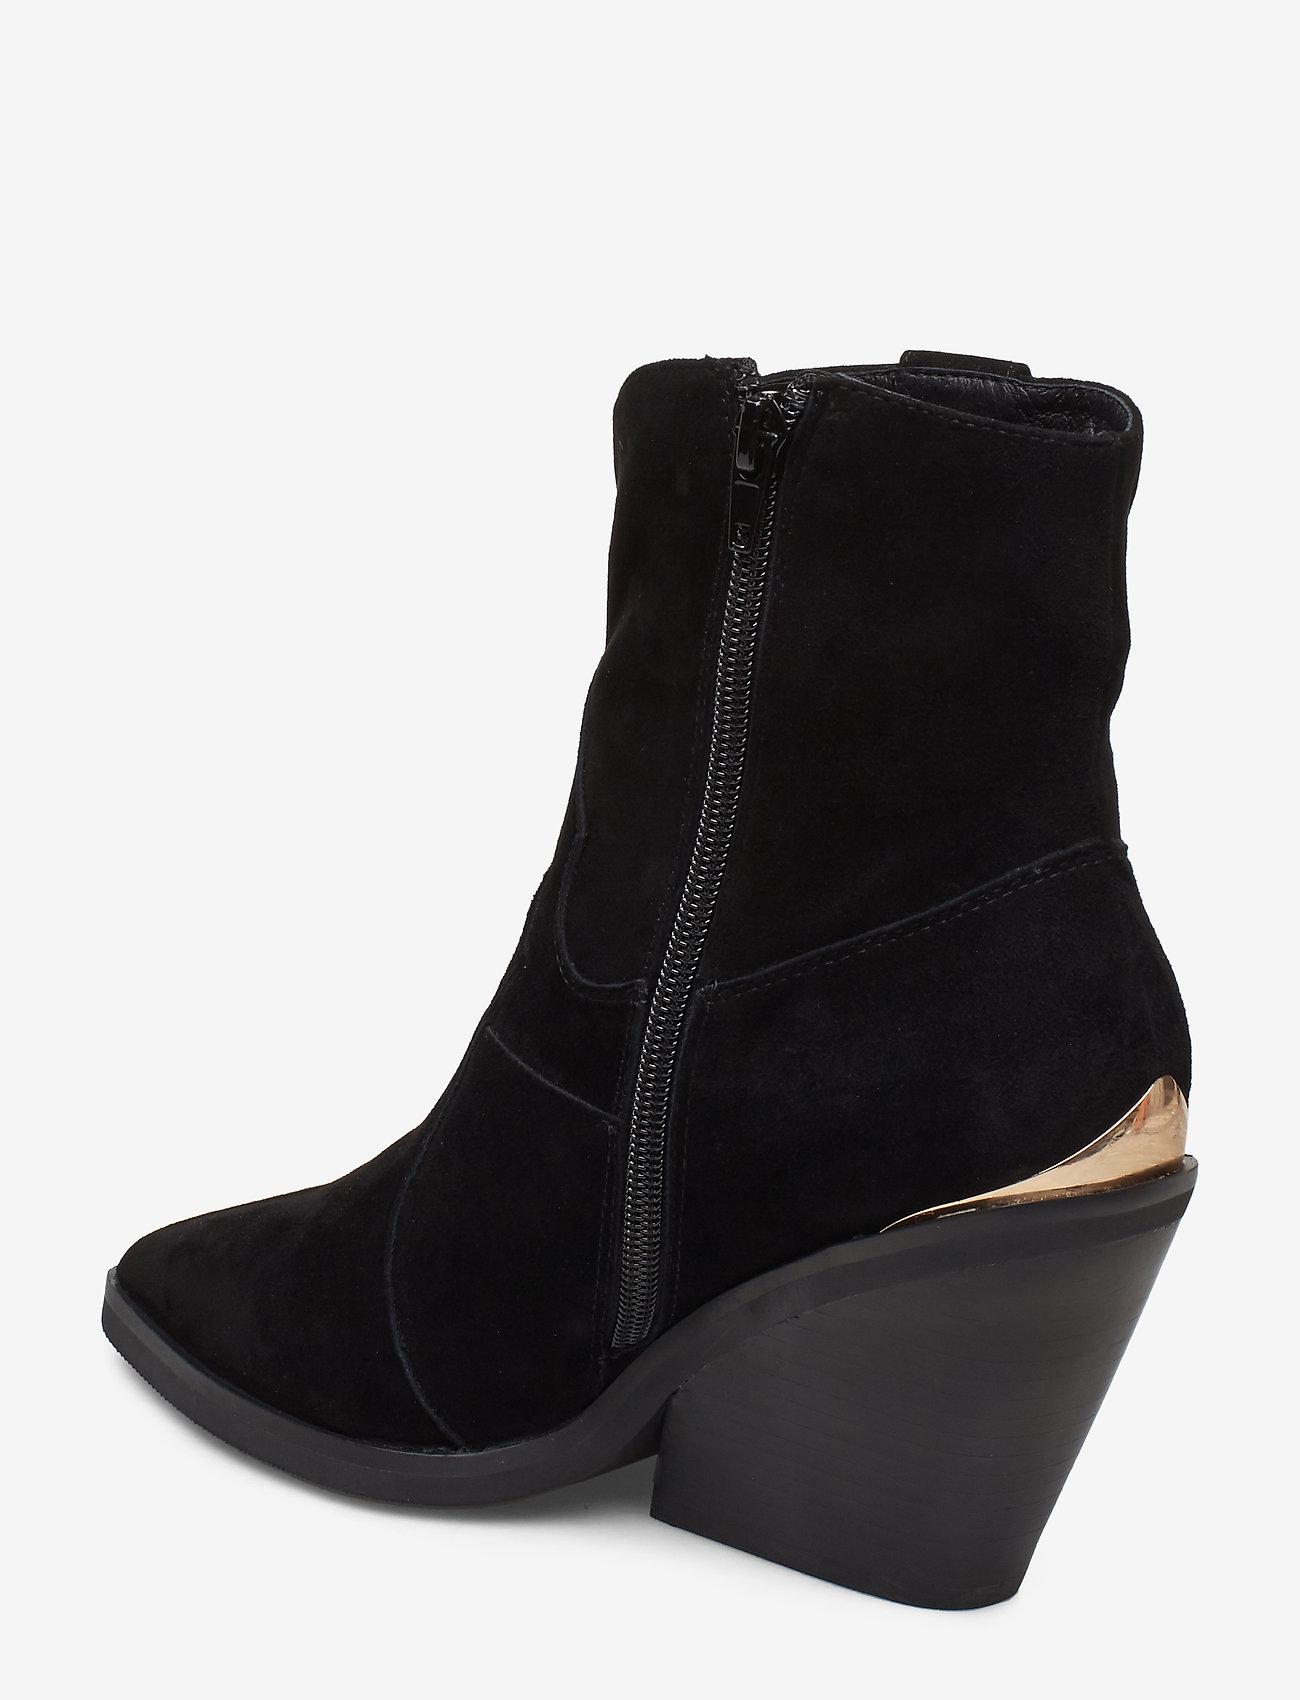 Boot (Black) (1499 kr) - Sofie Schnoor